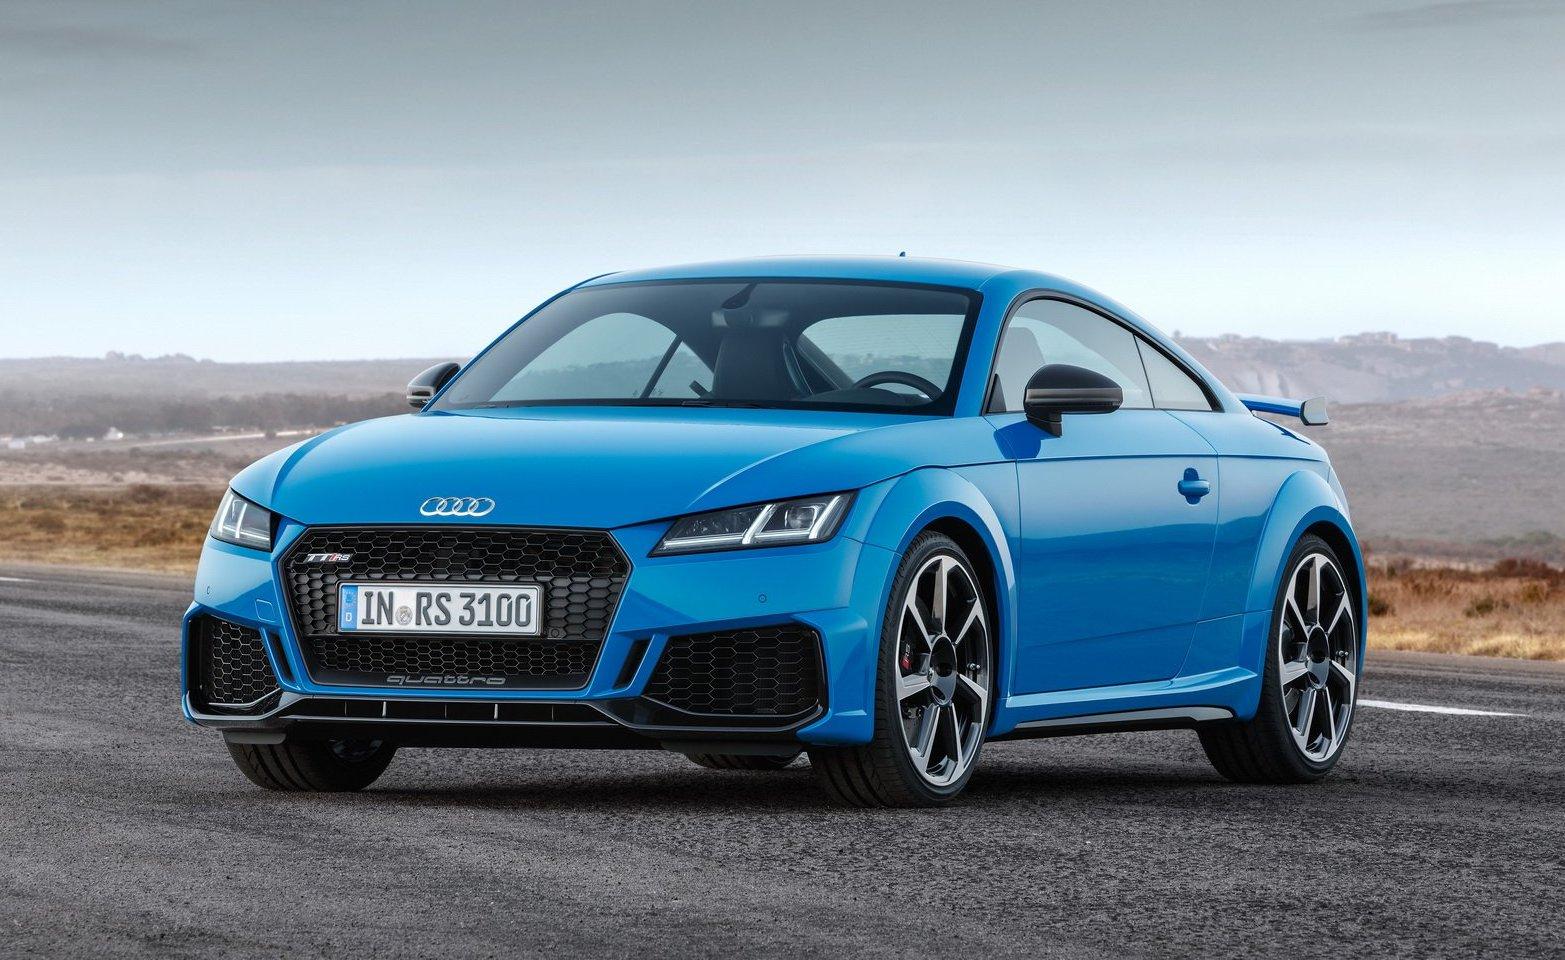 2020 Audi TT RS launch